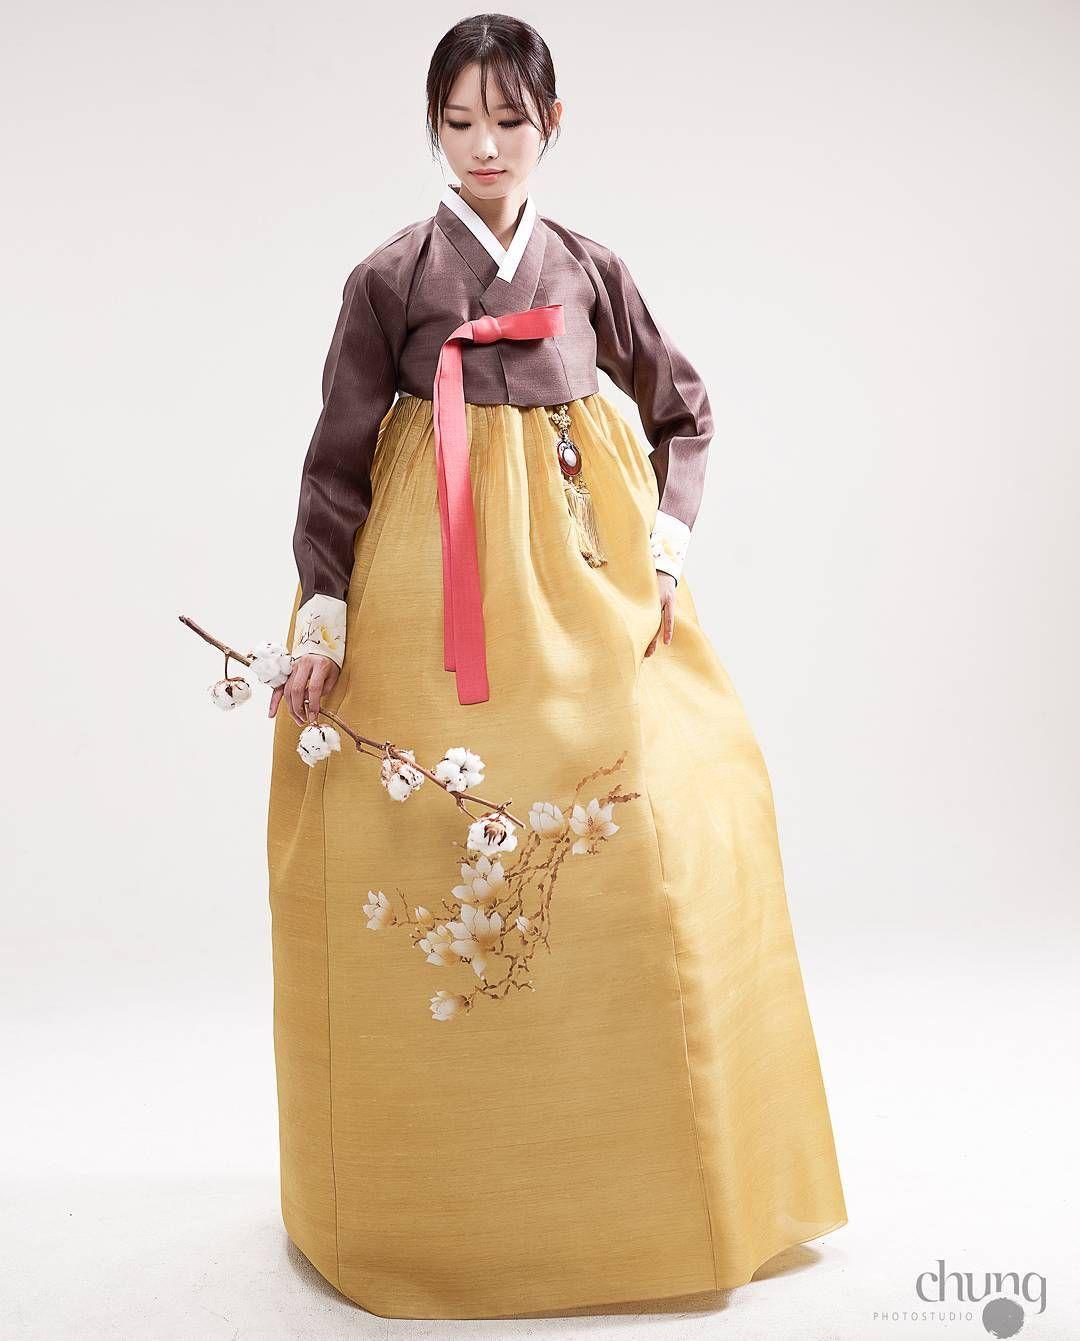 """광장시장한복 종로한복 결혼한복 신부한복 웨딩 차은엽한복 (@chaeunyeop_hanbok) on Instagram: """"@chaeunyeop_hanbok  #차은엽한복 #한복 #종로한복  #웨딩한복 #혼주한복 #한복맞춤  #광장시장한복 #결혼식준비 #한복 #일산한복 #부산한복 #신부한복…"""""""